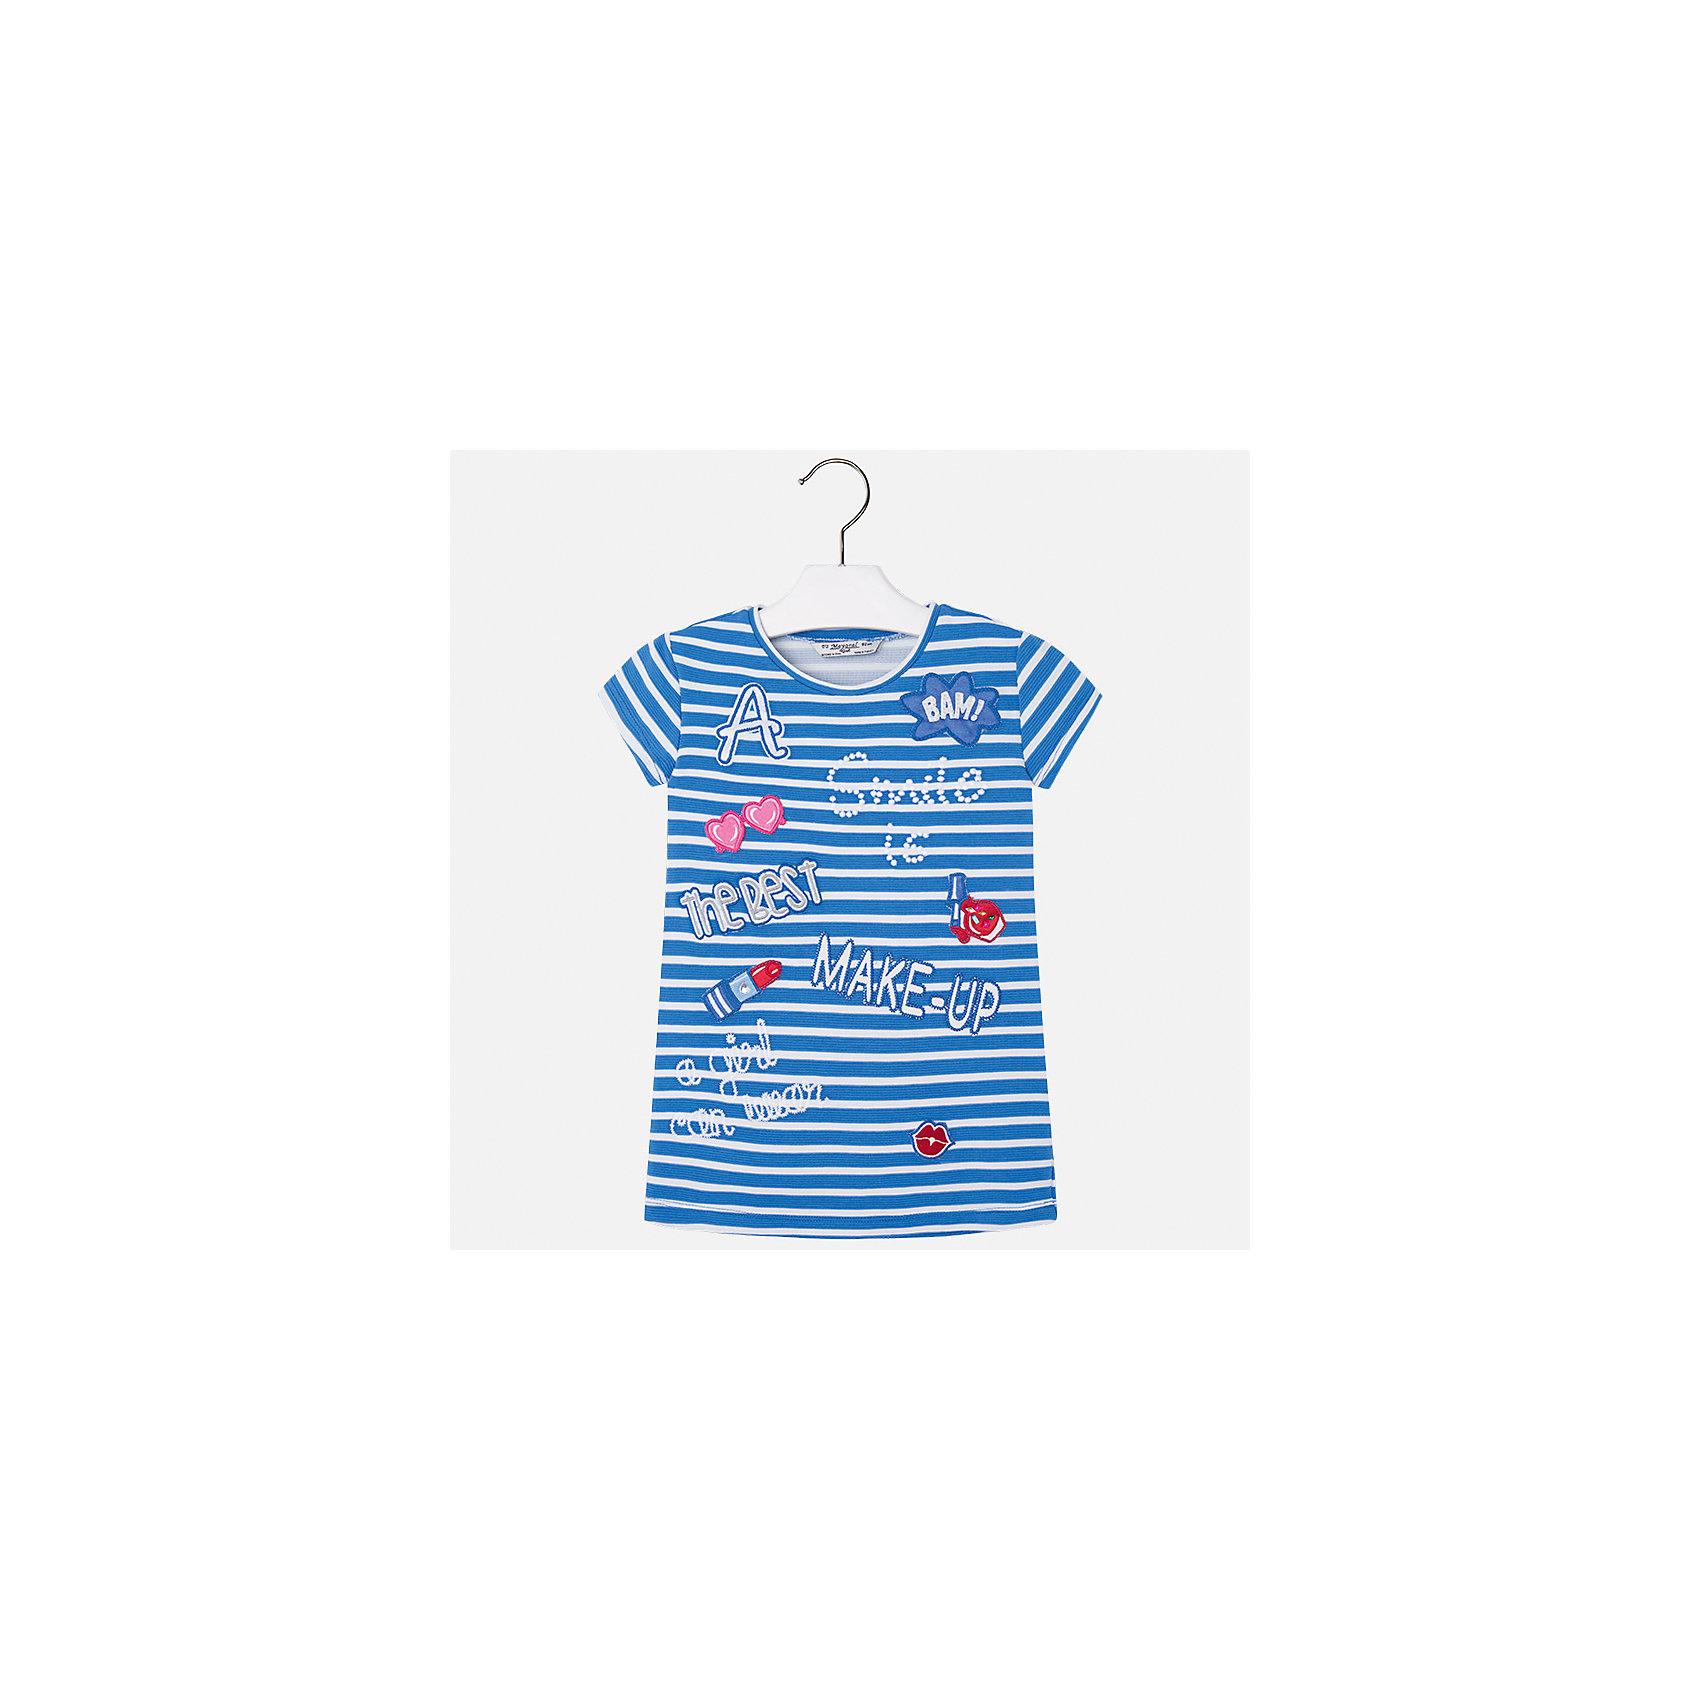 Платье для девочки MayoralПлатья и сарафаны<br>Характеристики товара:<br><br>• цвет: синий<br>• состав: 95% полиэстер, 5% эластан<br>• без застежки<br>• прямой силуэт<br>• короткие рукава<br>• декорировано принтом<br>• страна бренда: Испания<br><br>Стильное платье для девочки поможет разнообразить гардероб ребенка и создать эффектный наряд. Оно подойдет для различных случаев. Красивый оттенок позволяет подобрать к вещи обувь разных расцветок. Платье хорошо сидит по фигуре. <br><br>Одежда, обувь и аксессуары от испанского бренда Mayoral полюбились детям и взрослым по всему миру. Модели этой марки - стильные и удобные. Для их производства используются только безопасные, качественные материалы и фурнитура. Порадуйте ребенка модными и красивыми вещами от Mayoral! <br><br>Платье для девочки от испанского бренда Mayoral (Майорал) можно купить в нашем интернет-магазине.<br><br>Ширина мм: 236<br>Глубина мм: 16<br>Высота мм: 184<br>Вес г: 177<br>Цвет: синий<br>Возраст от месяцев: 96<br>Возраст до месяцев: 108<br>Пол: Женский<br>Возраст: Детский<br>Размер: 134,98,104,110,116,122,128<br>SKU: 5300620